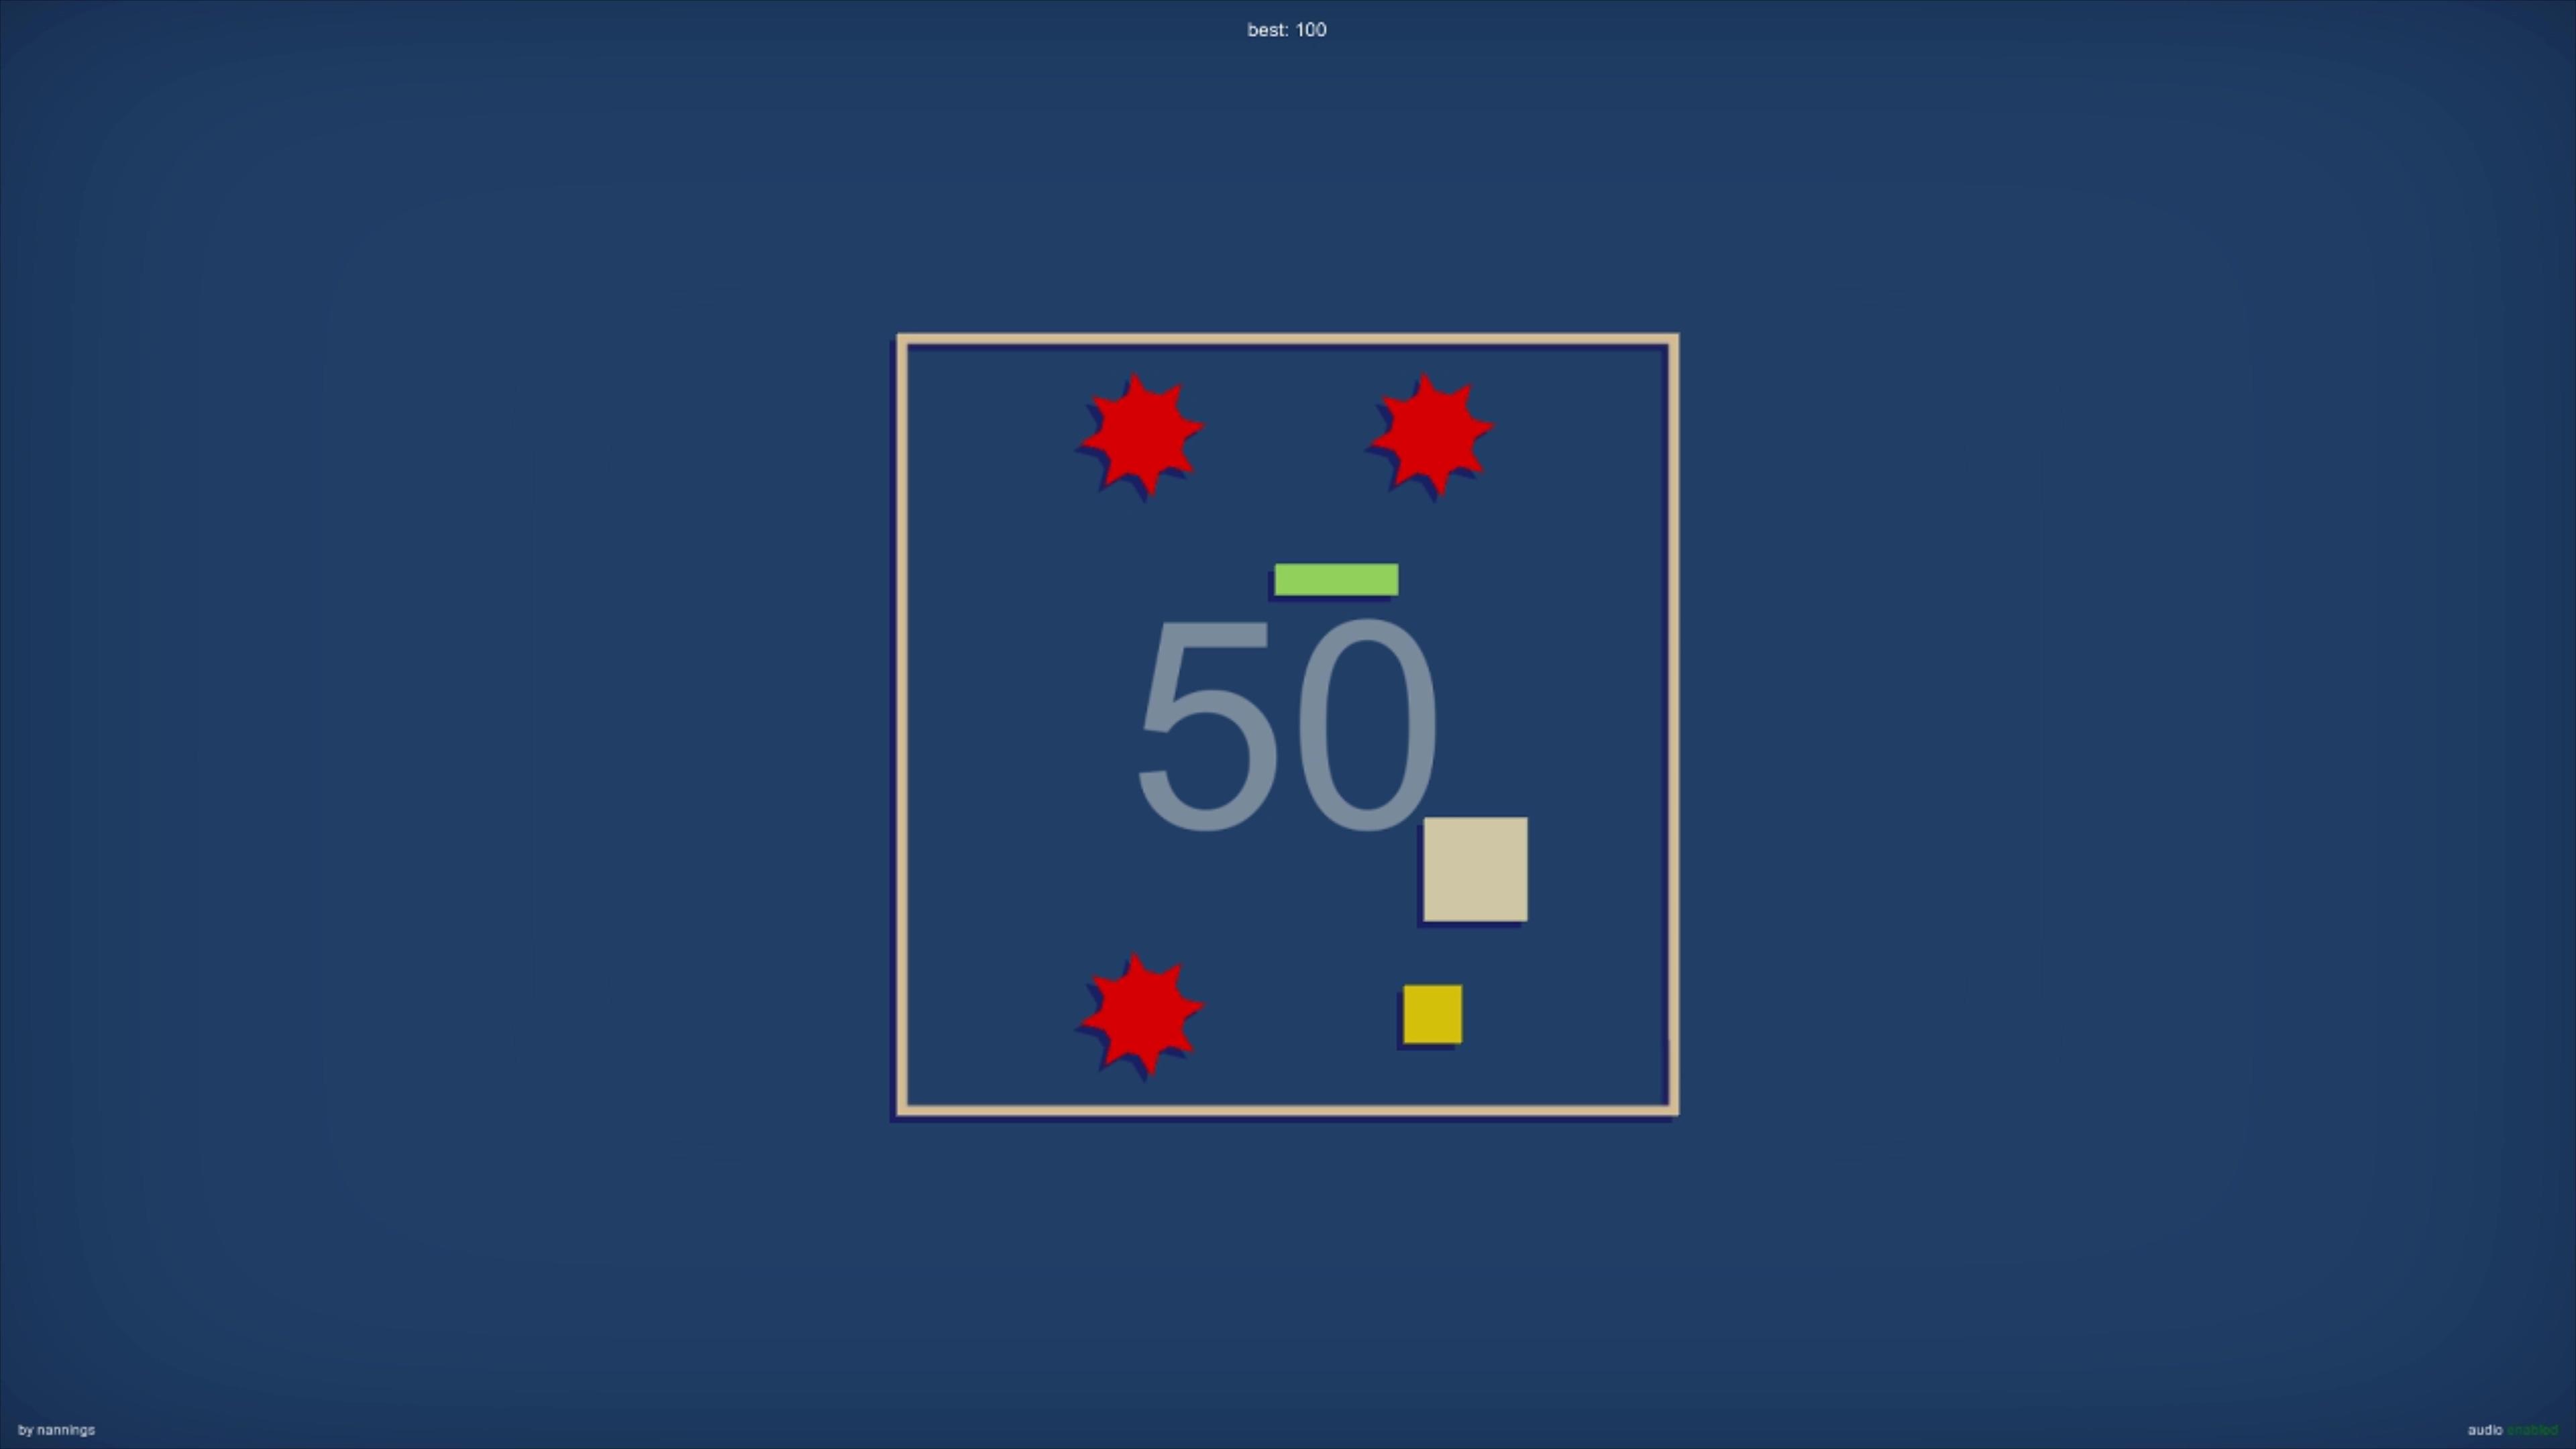 simple square 10